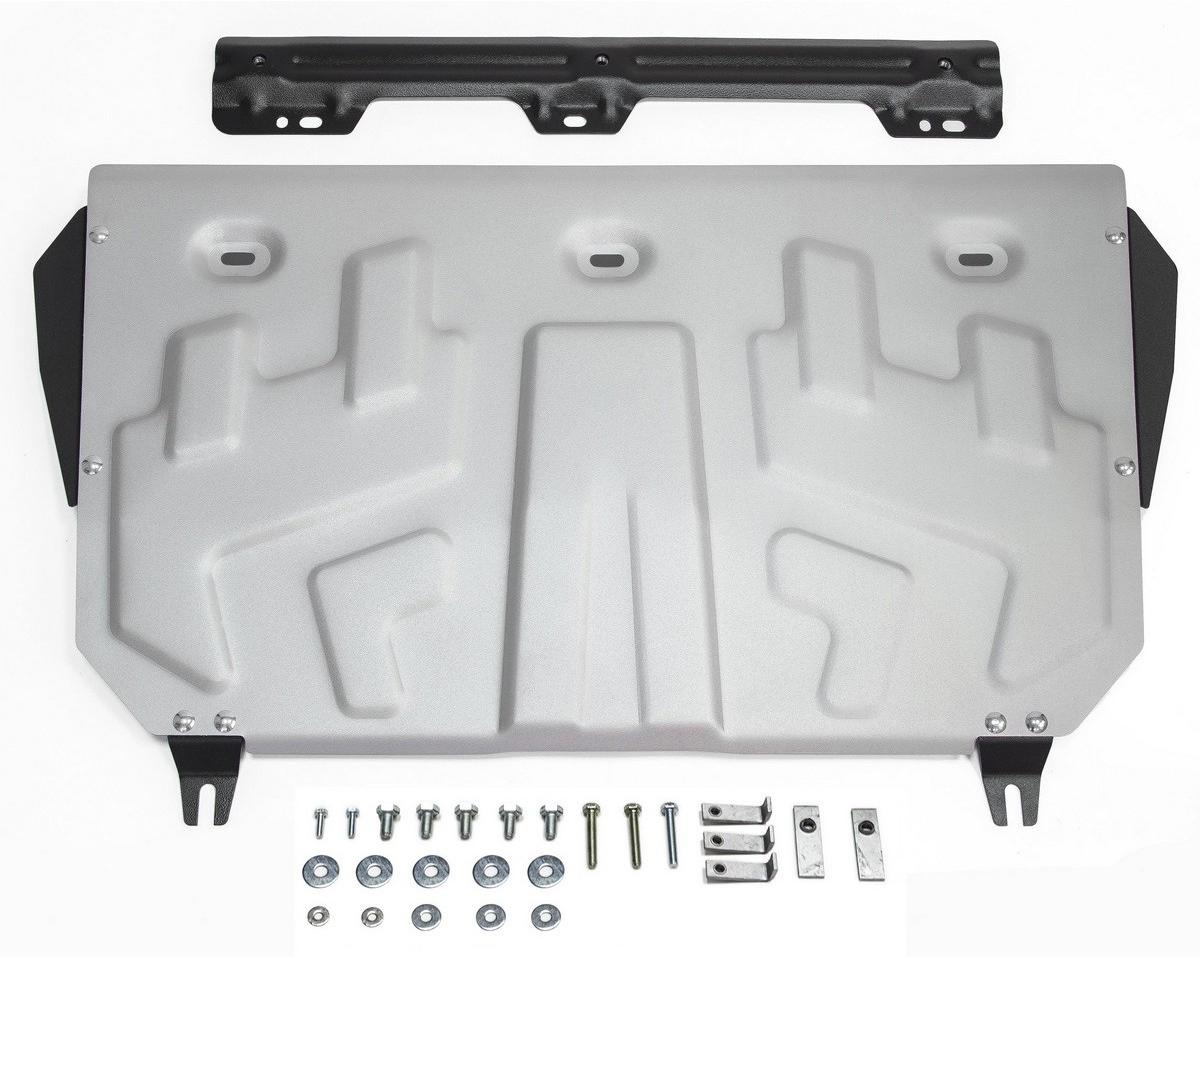 Защита картера и КПП Rival для Mazda 3 2013- / Mazda 6 2012-2015 2015- / Mazda CX-5 2011-2015 2015-2017 2017-, алюминий 4 мм333.3823.1Защита картера и КПП Rival для Mazda 3 V - 1.5; 1.6; 2.0 2013-н.в./Mazda 6 V - 2.0; 2.5 2015-н.в./Mazda CX-5 V - 2.0; 2.5 АКПП 2017-н.в./Mazda 6 V - 2.0; 2.5 2012-2015/Mazda CX-5 V - 2.0; 2.5 2011-2015/Mazda CX-5 V - 2.0; 2.5 2015-2017, алюминий 4 мм, крепеж в комплекте, 333.3823.1Алюминиевые защиты Rival надежно защищают днище вашего автомобиля от повреждений, например при наезде на бордюры, а также выполняют эстетическую функцию при установке на высокие автомобили.- Толщина алюминиевых защит в 2 раза толще стальных, а вес при этом меньше до 30%.- Отлично отводит тепло от двигателя своей поверхностью, что спасает двигатель от перегрева в летний период или при высоких нагрузках.- В отличие от стальных, алюминиевые защиты не поддаются коррозии, что гарантирует срок службы защит более 5 лет.- Покрываются порошковой краской, что надолго сохраняет первоначальный вид новой защиты и защищает от гальванической коррозии.- Глубокий штамп дополнительно усиливает конструкцию защиты.- Подштамповка в местах крепления защищает крепеж от срезания.- Технологические отверстия там, где они необходимы для смены масла и слива воды, оборудованные заглушками, надежно закрепленными на защите.- Помимо основной функции защиты от удара, конструкция так же существенно снижает попадание в моторный отсек влаги и грязи.В комплекте инструкция по установке.Уважаемые клиенты!Обращаем ваше внимание, на тот факт, что защита имеет форму, соответствующую модели данного автомобиля. Наличие глубокого штампа и лючков для смены фильтров/масла предусмотрено не на всех защитах. Фото служит для визуального восприятия товара.